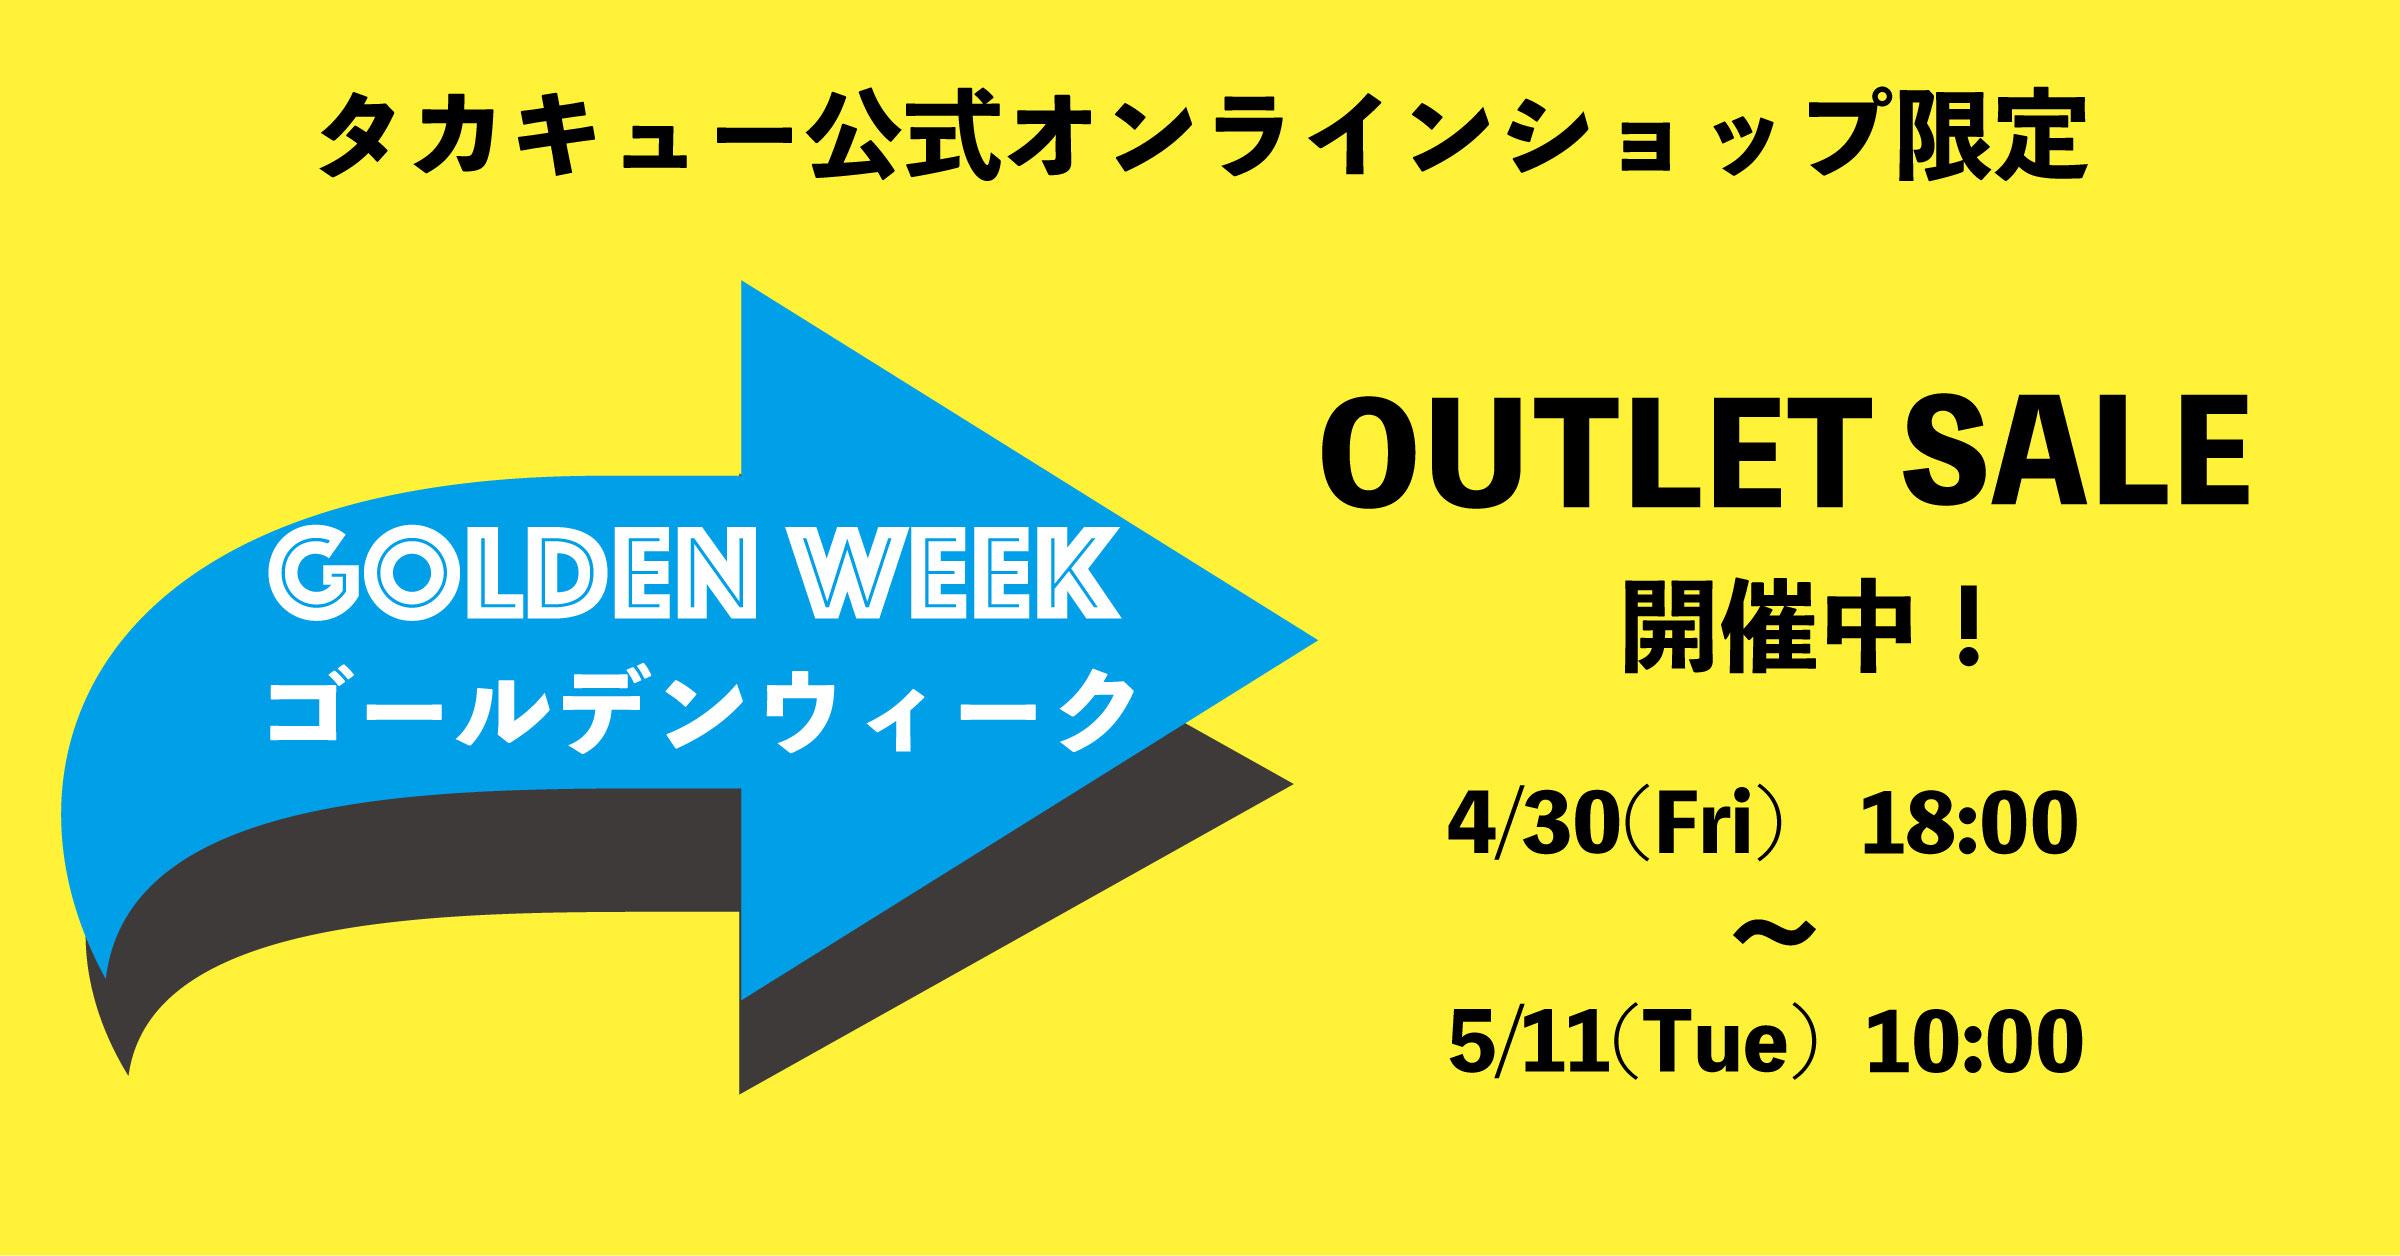 期間限定スペシャルプライス【GOLDEN WEEK OUTLET SALE】